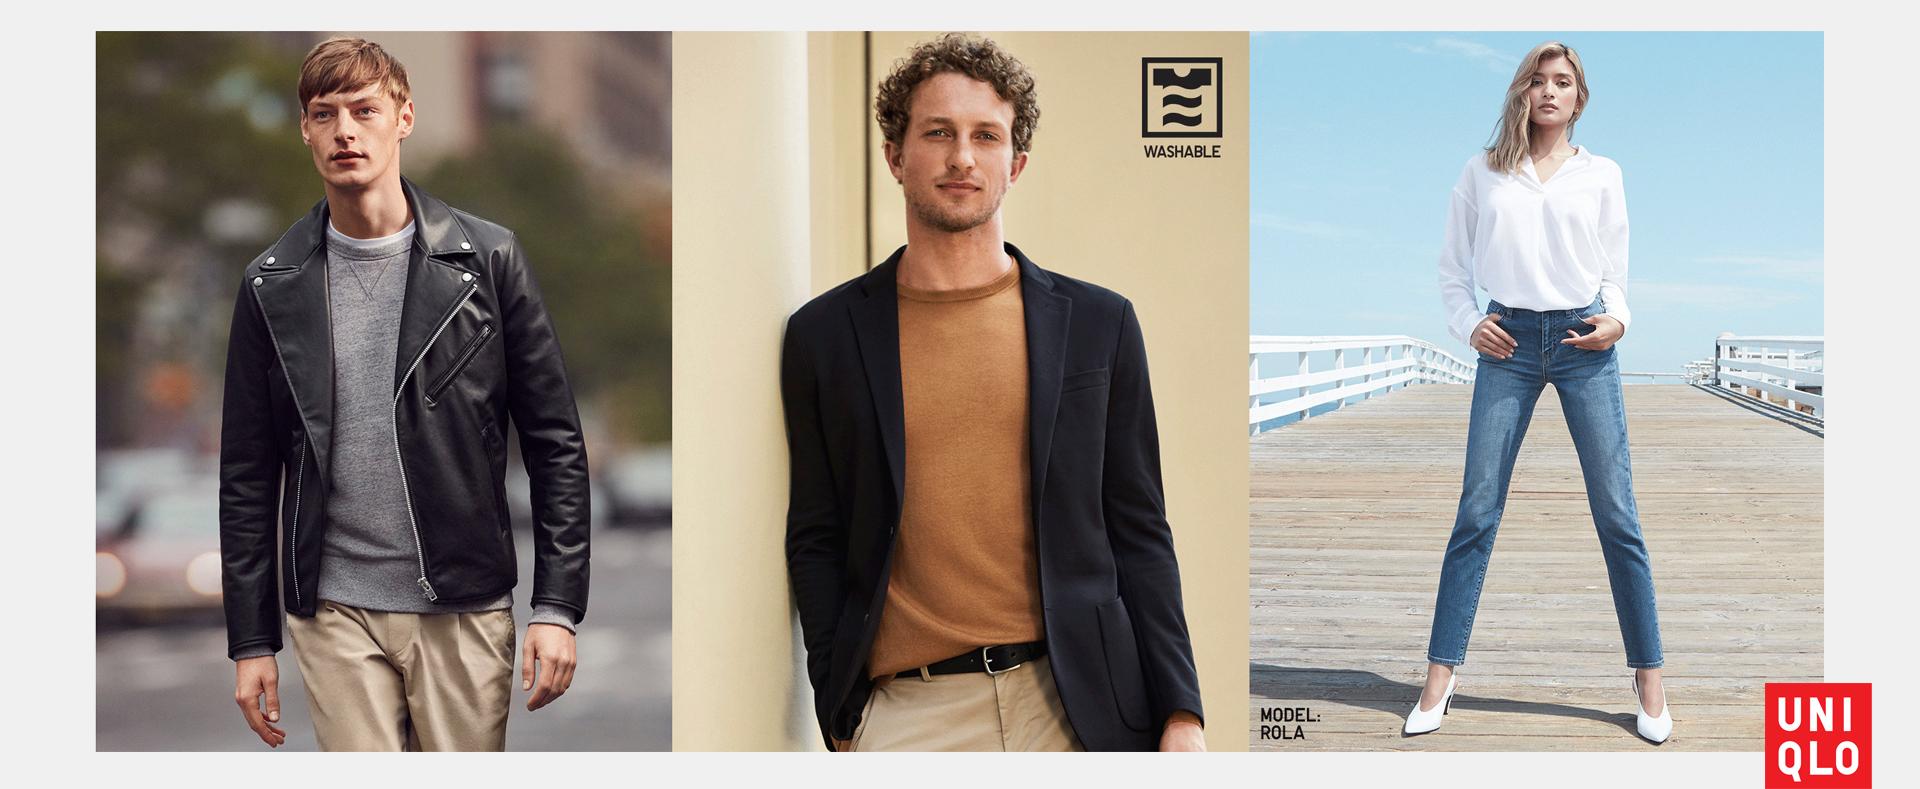 Chẳng ai khen đồ Uniqlo đẹp, hợp mốt, nhờ đâu nhà bán lẻ thời trang Nhật vẫn leo lên top đầu thế giới, đe dọa ngôi vương của H&M, Zara? - Ảnh 10.